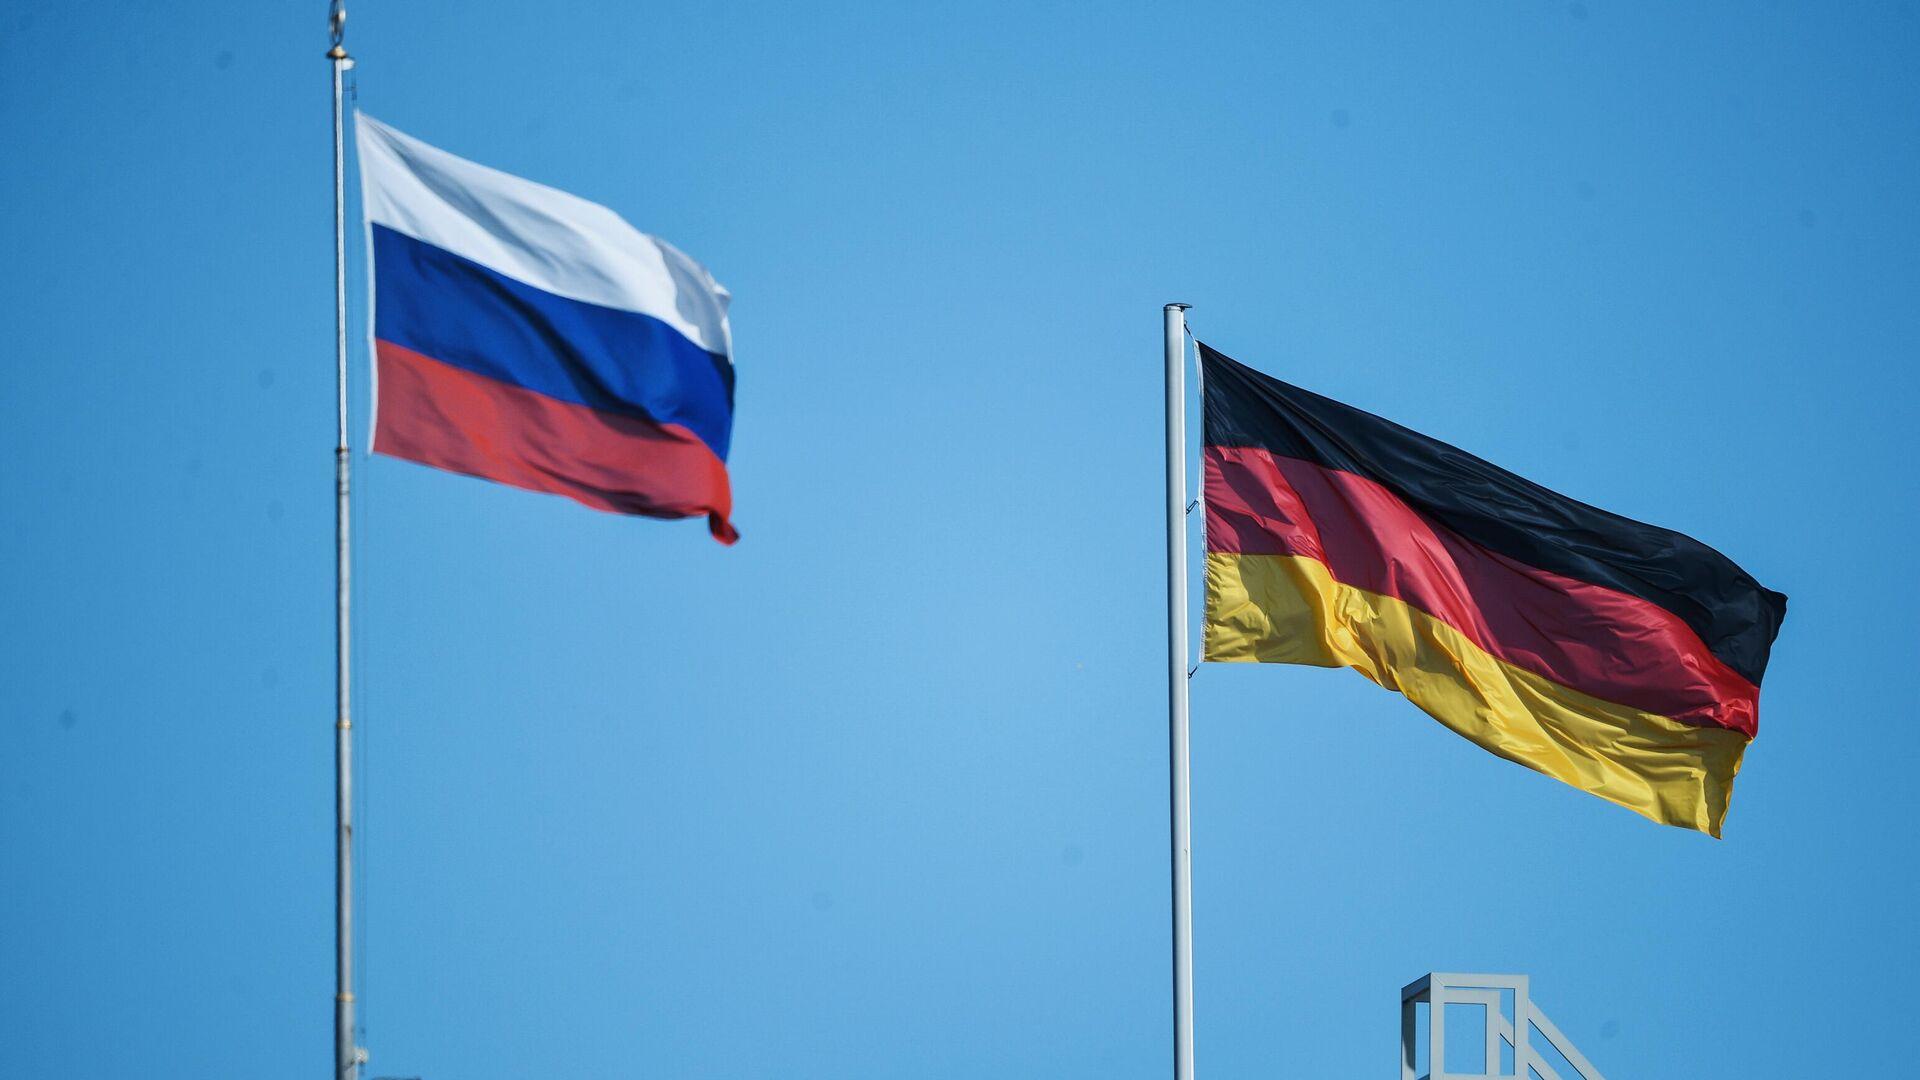 Флаг России и Германии в Берлине - РИА Новости, 1920, 18.06.2021